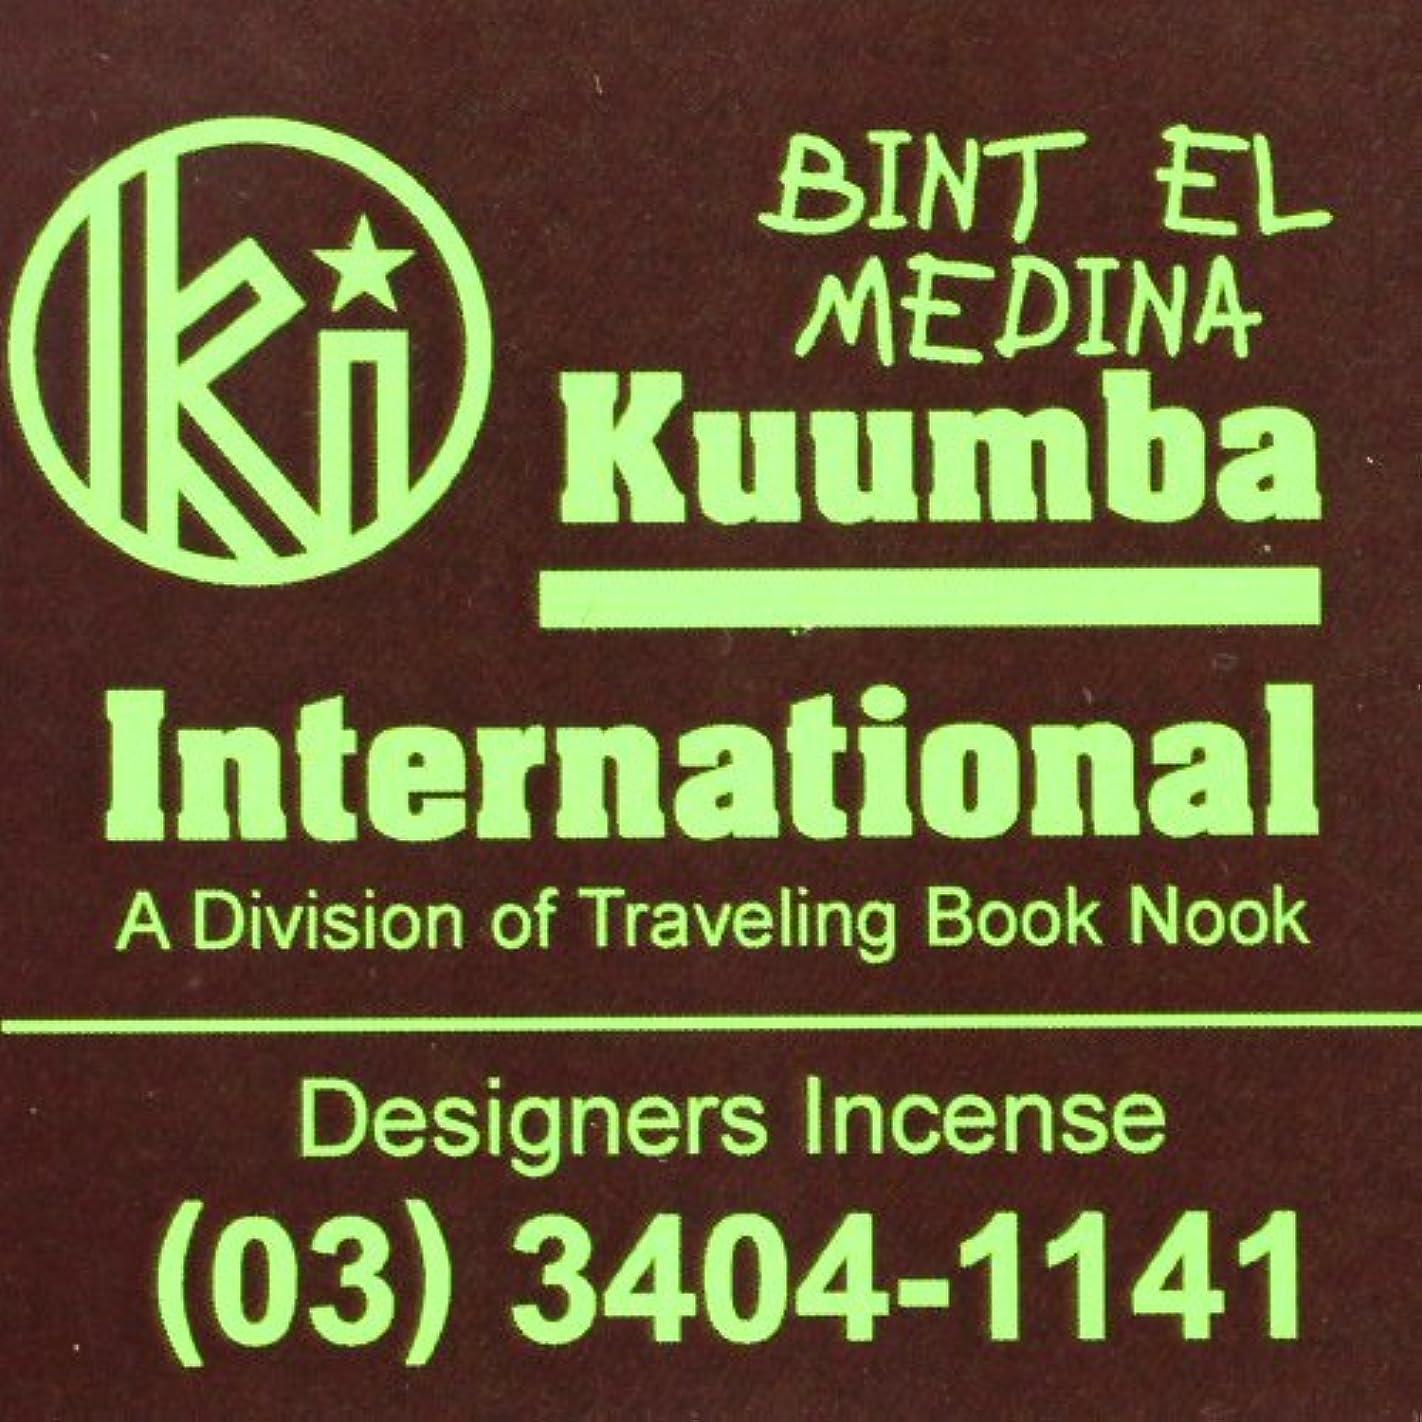 耳マイナス変な(クンバ) KUUMBA『classic regular incense』(BINT EL MEDINA) (Regular size)